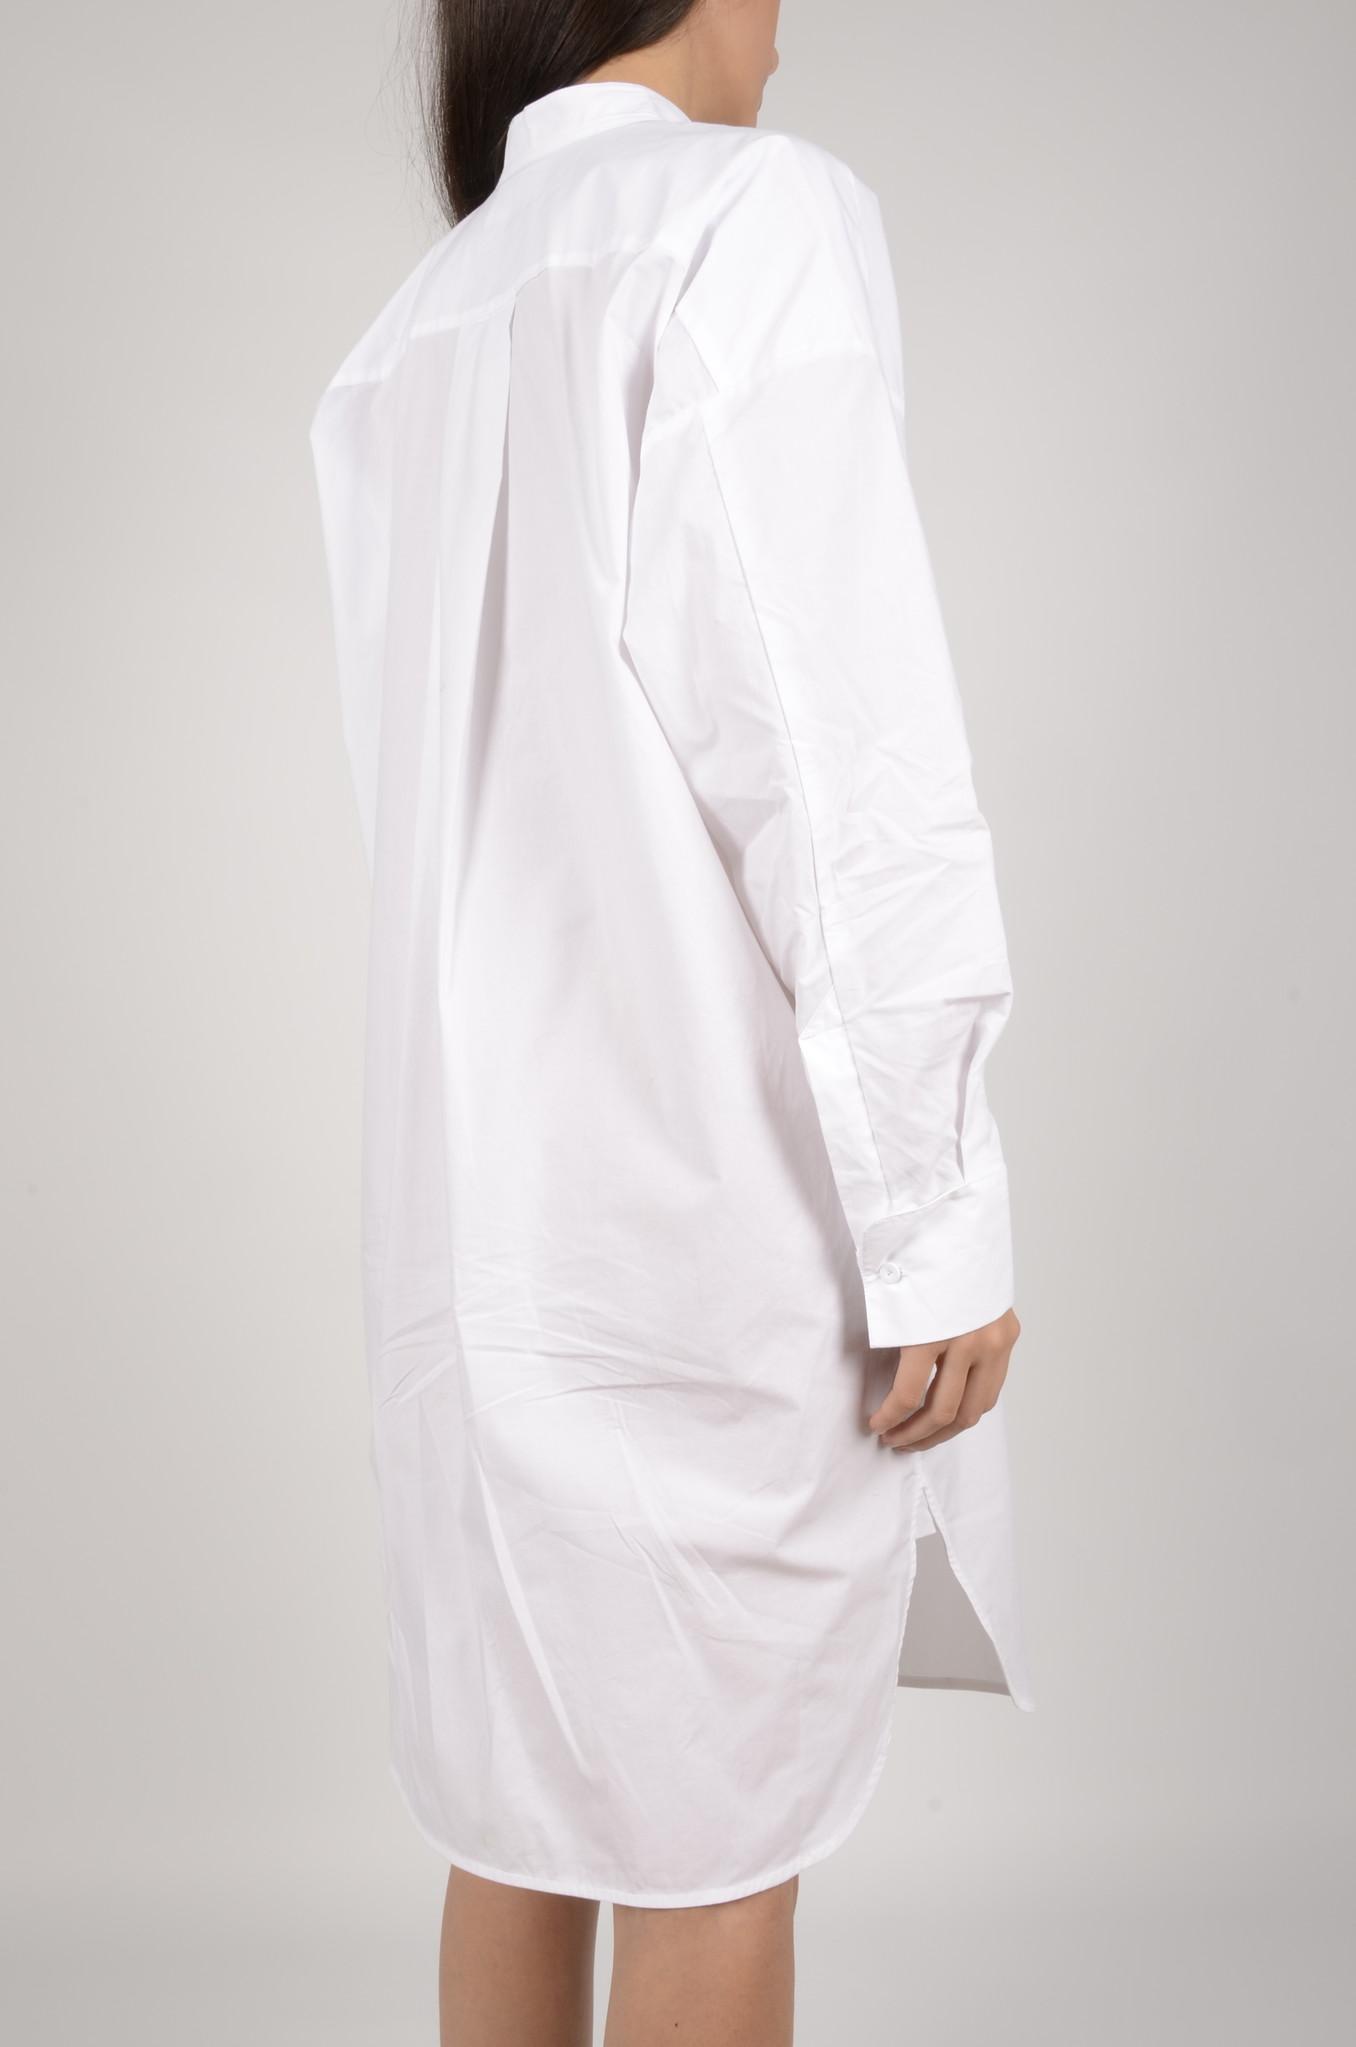 ANDREW DRESS-4